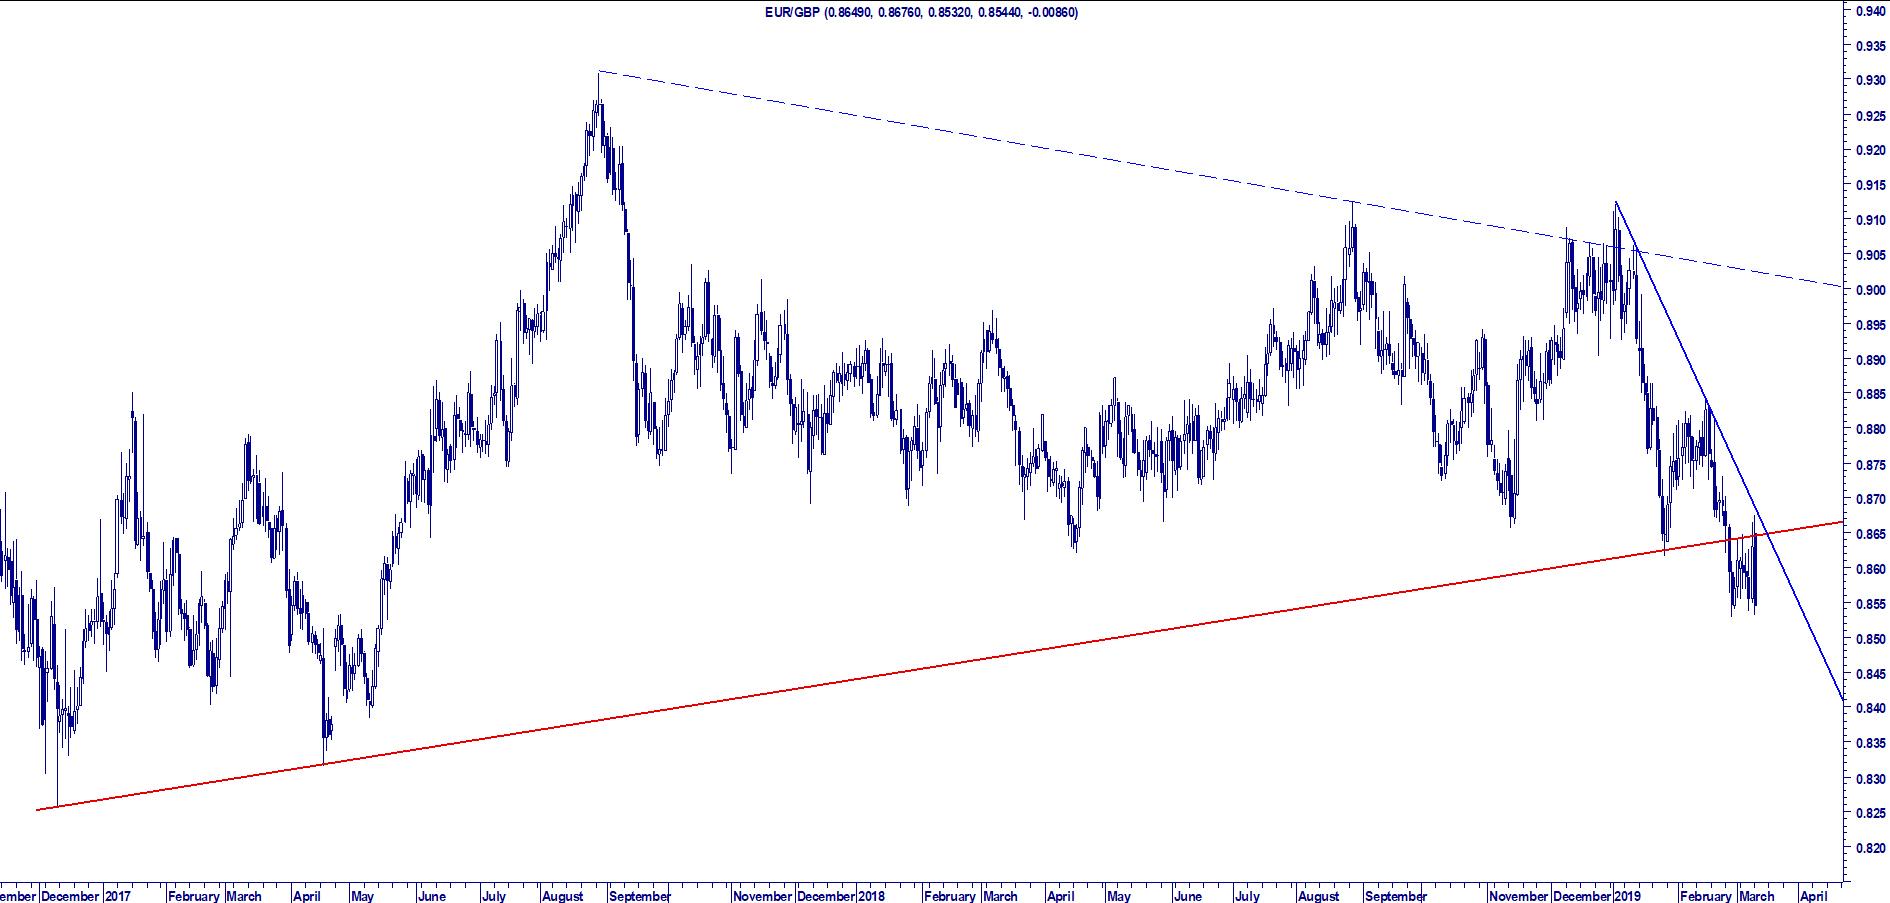 WB ENTERPRISE RISK MANAGEMENT: EUR GBP BREAKOUT